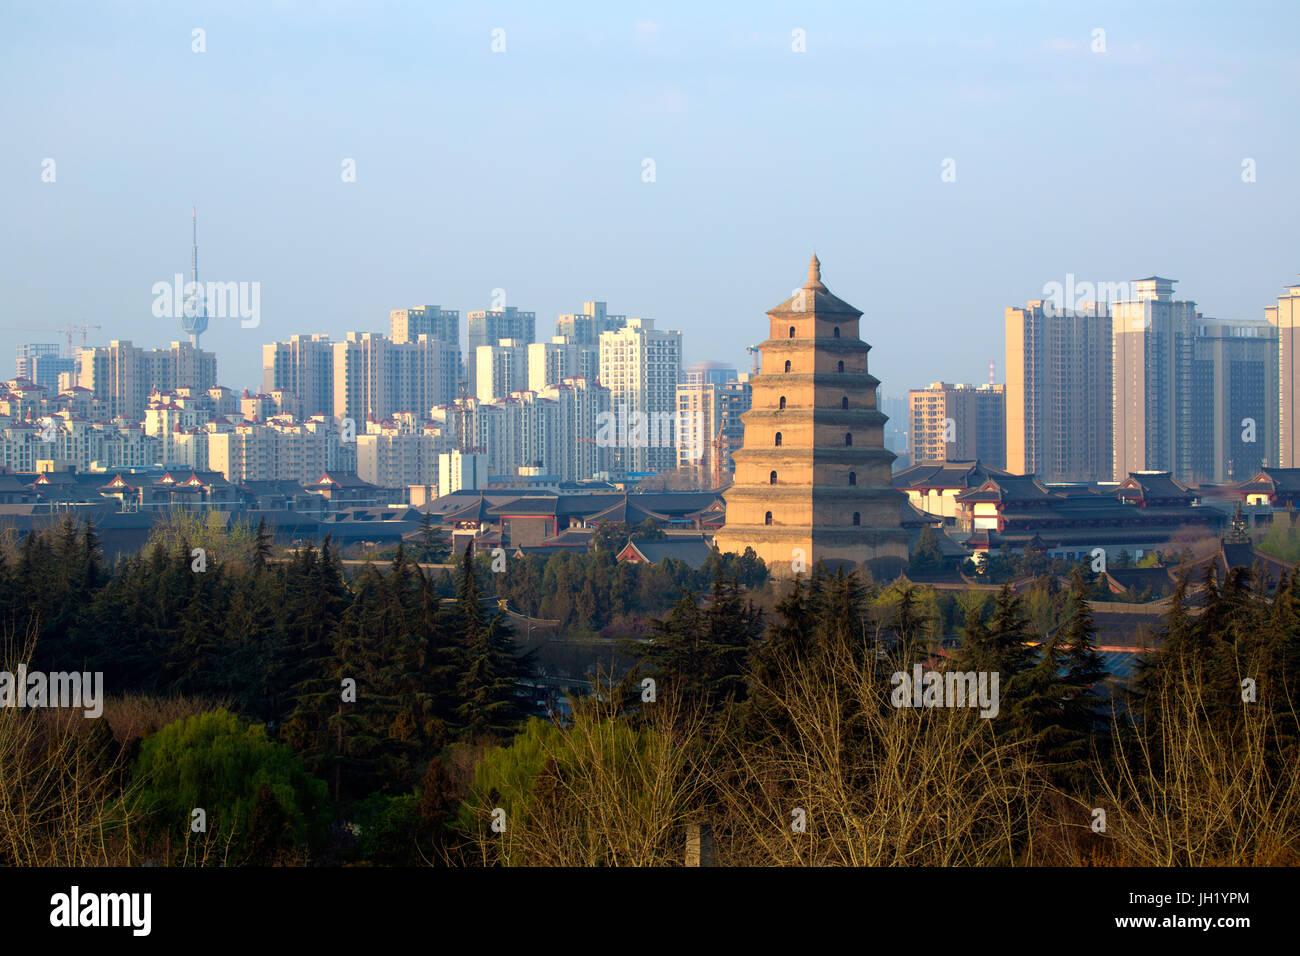 Xi'an,Shaanxi,China - Stock Image